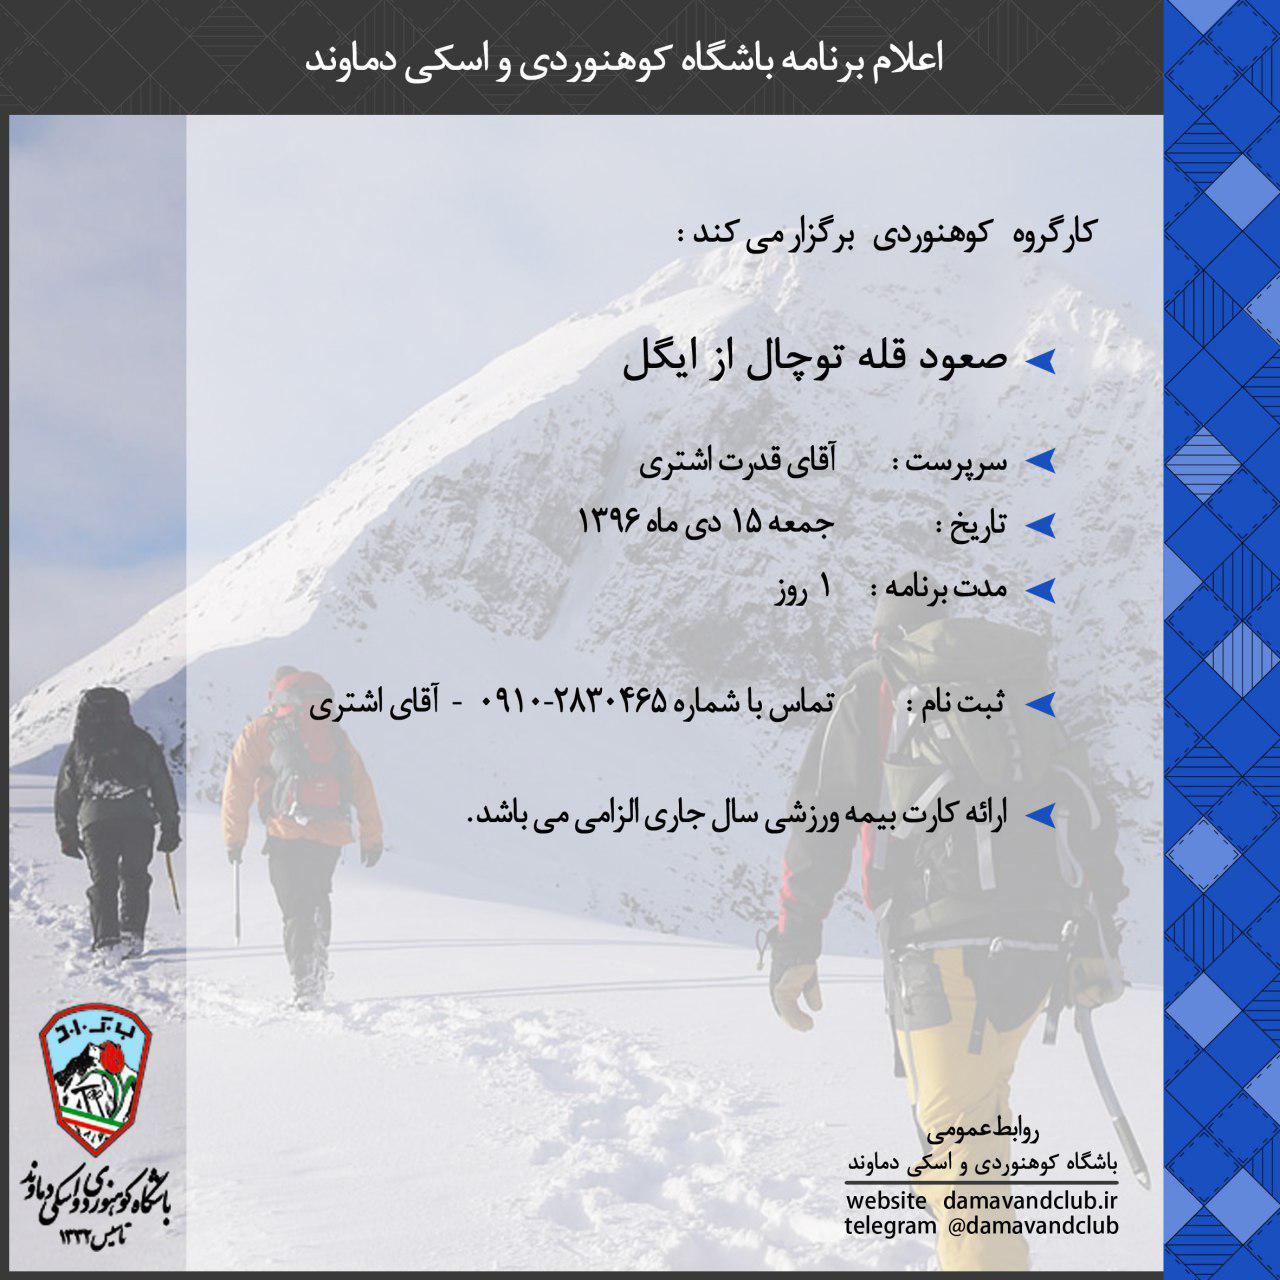 صعود قله توچال از ایلگل ۱۵دی ۹۶